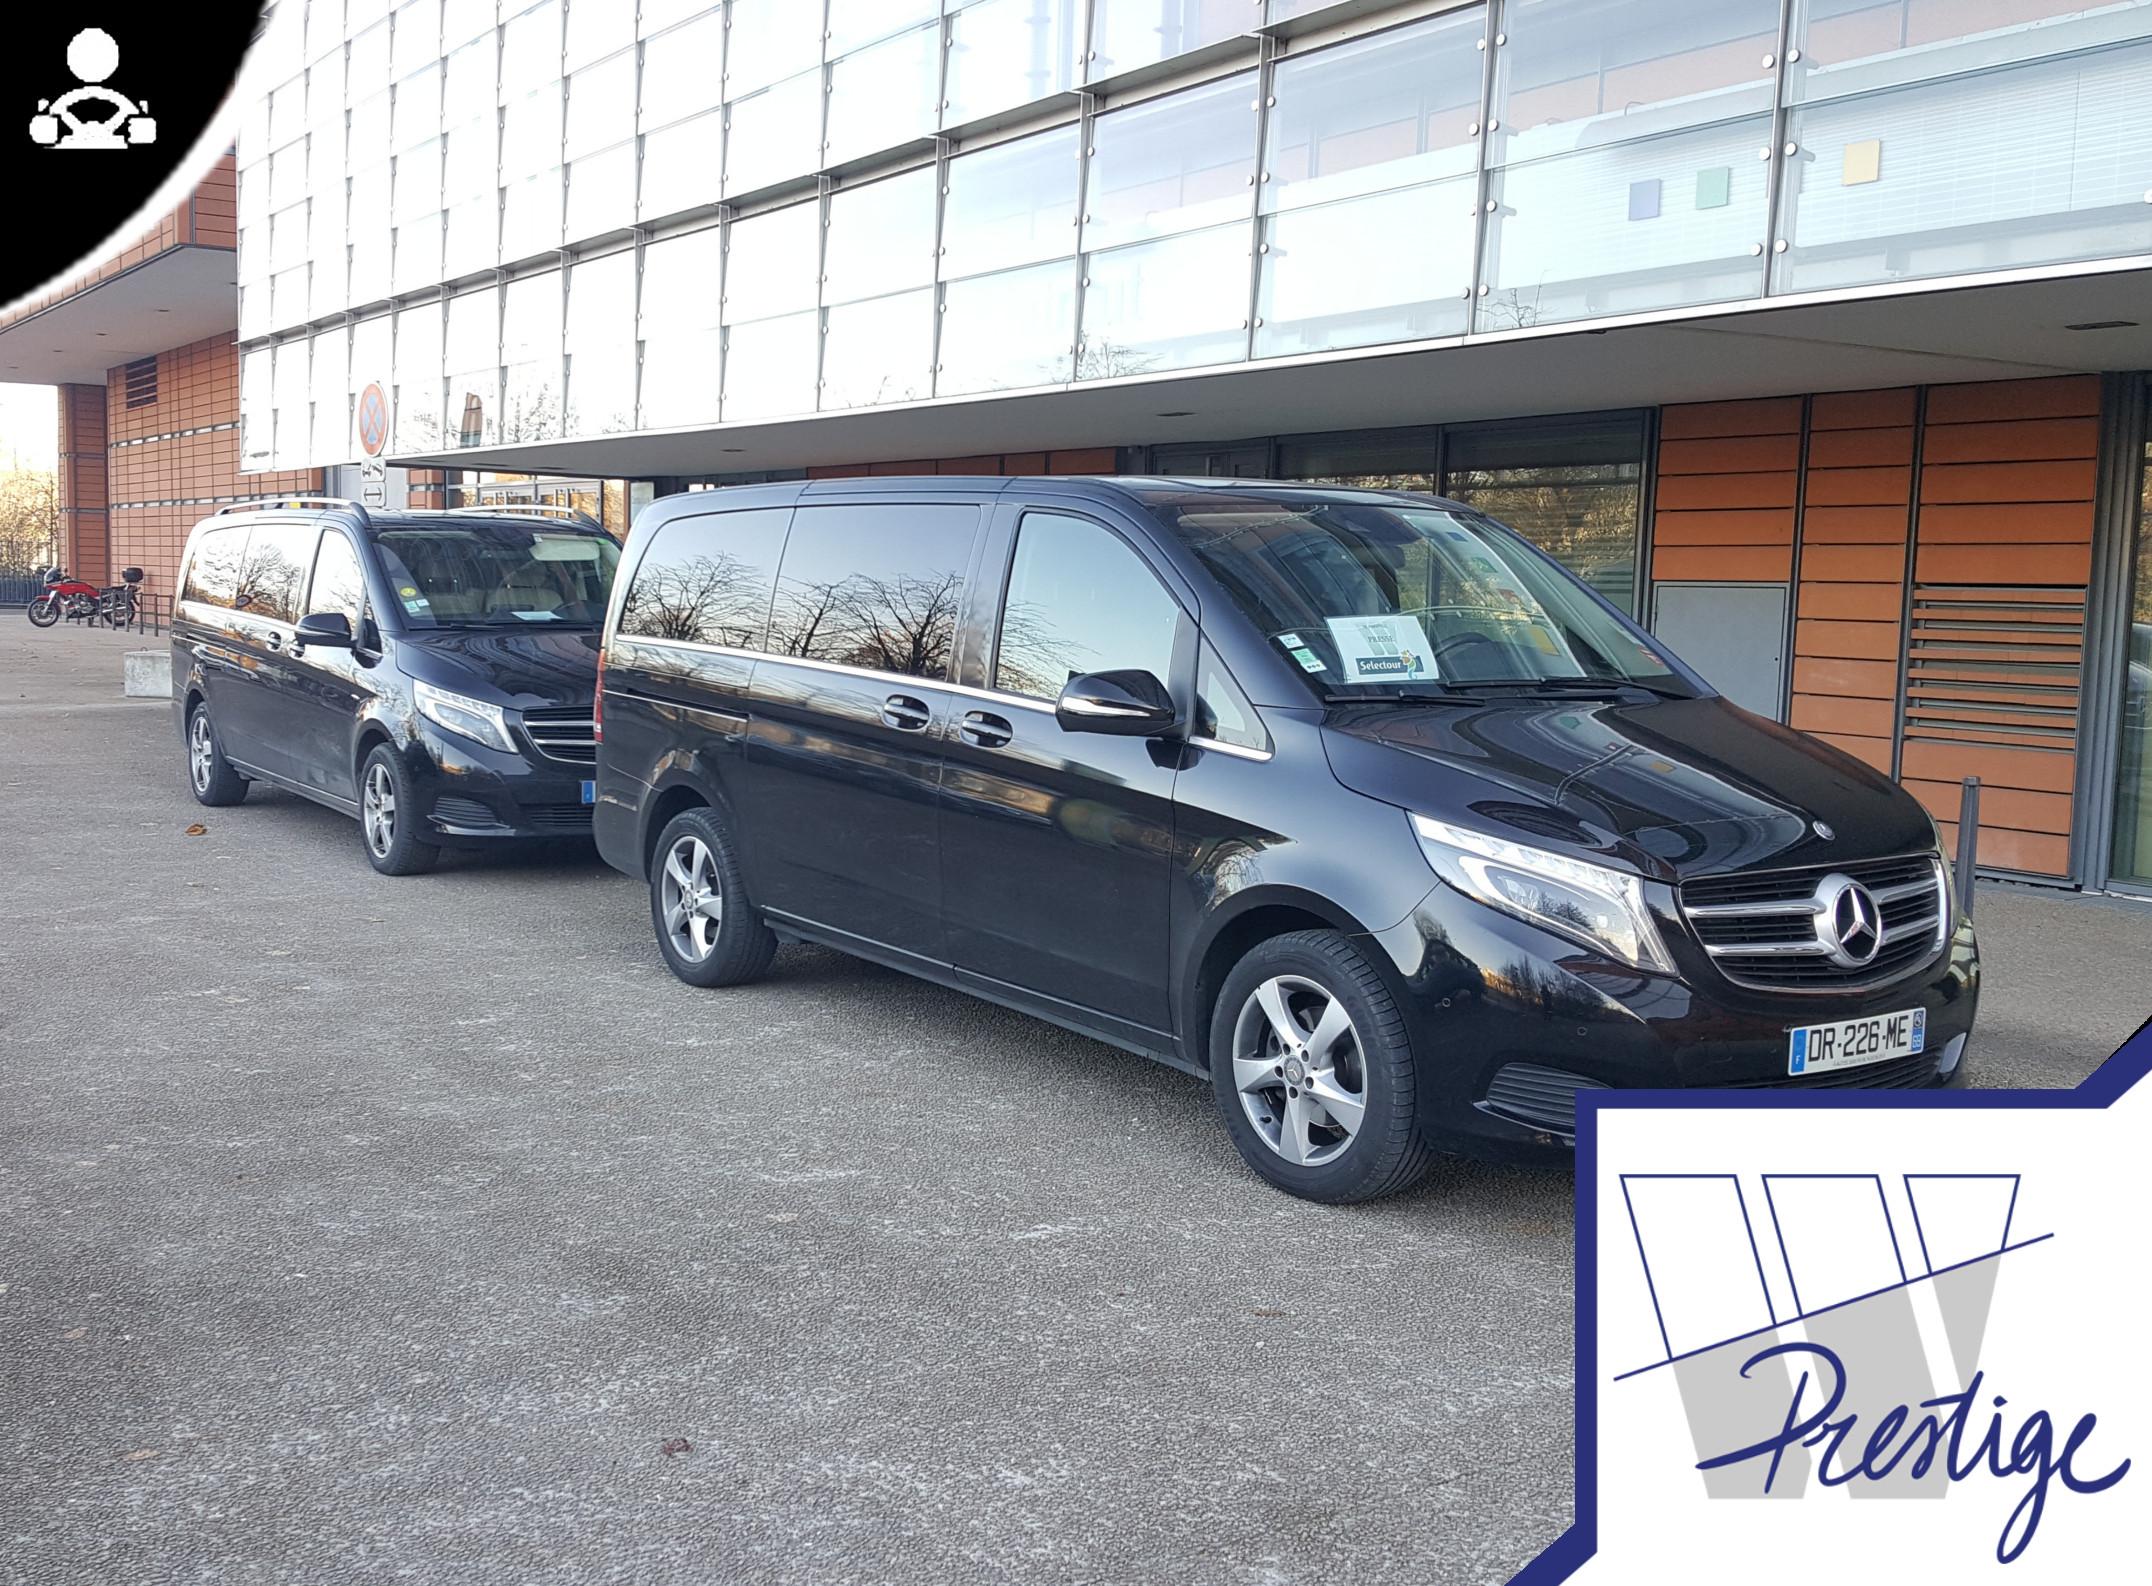 vtc haut de gamme genève, VTC Genève - Reservez votre chauffeur a Genève a prix fixe